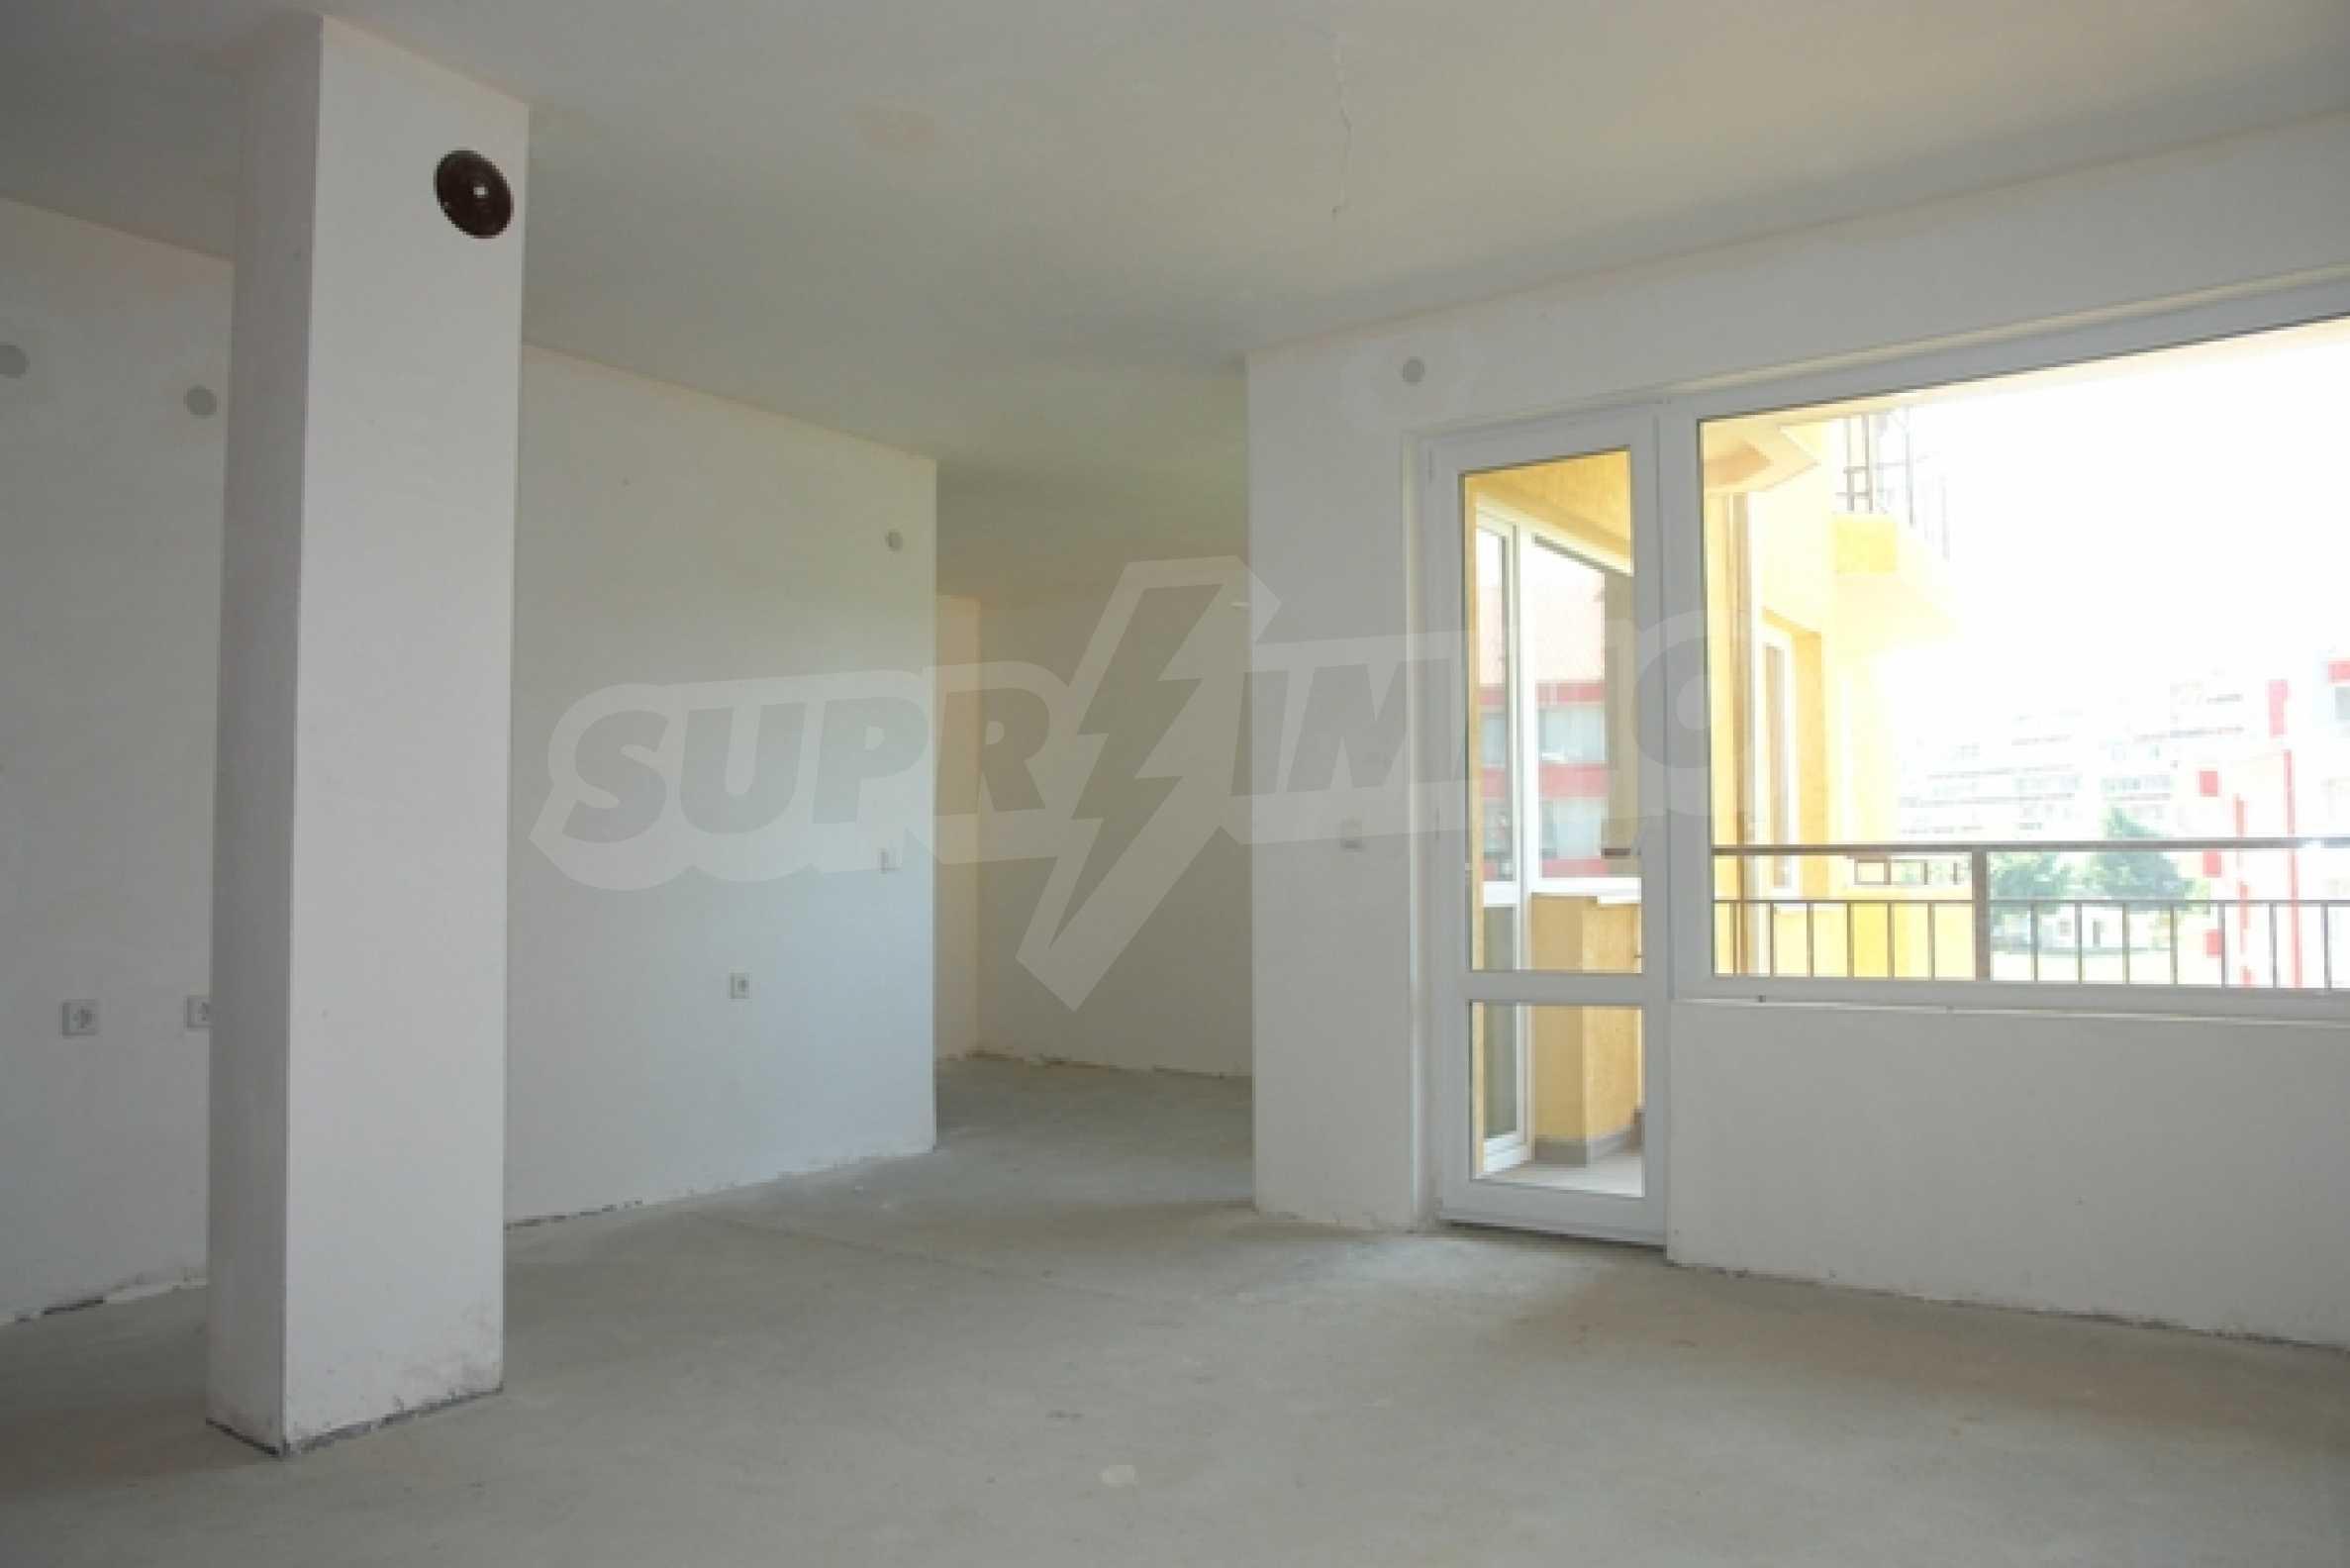 Тристаен апартамент в Русе с невероятна панорама към града 13